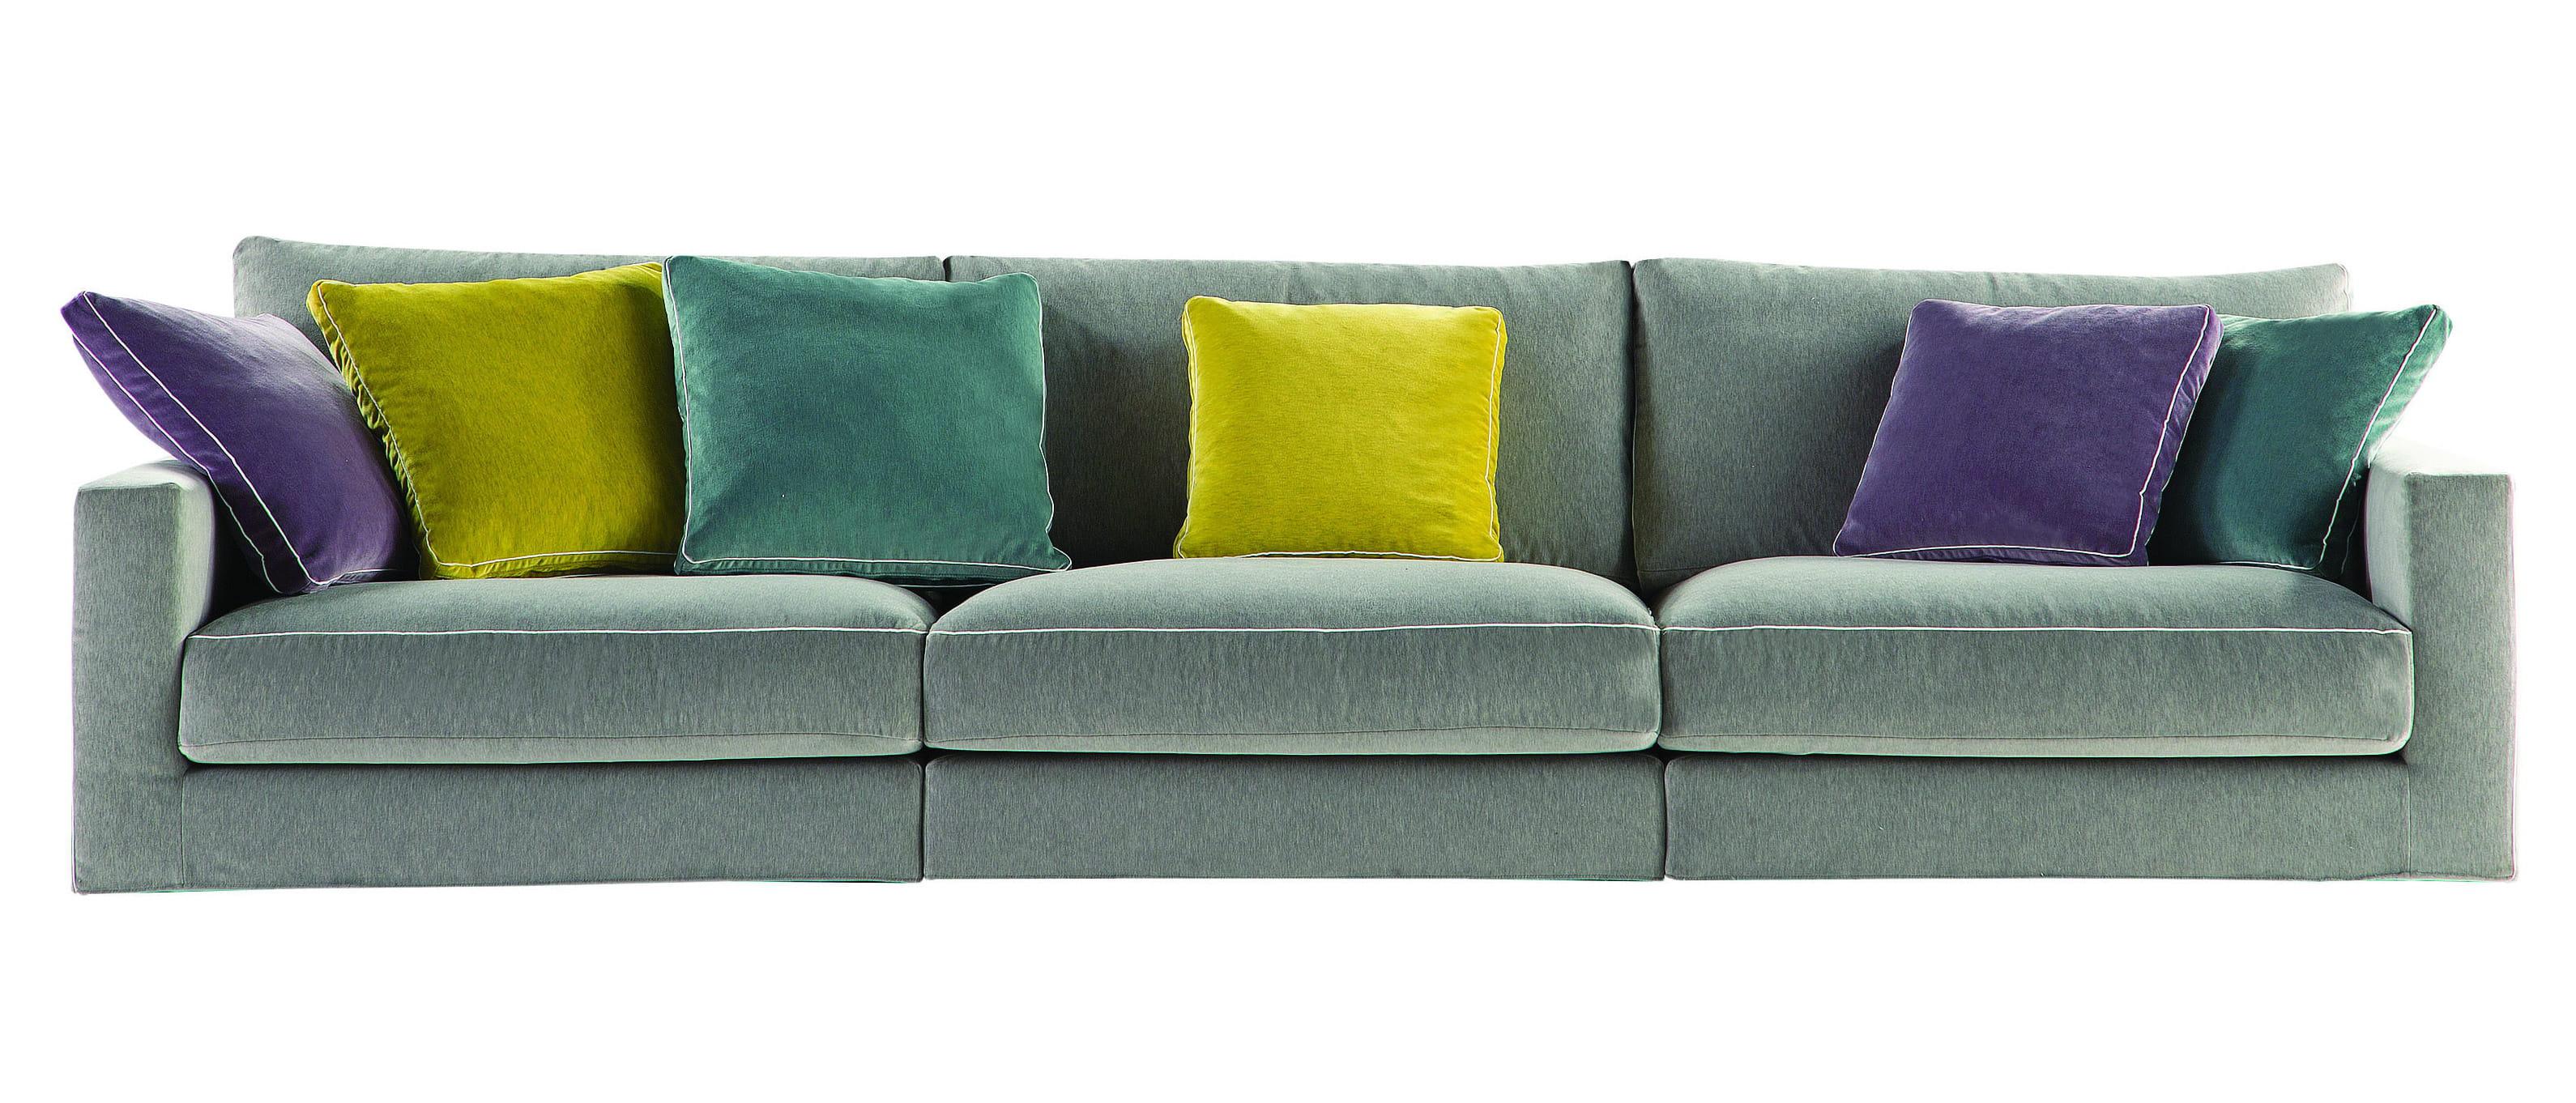 Assez Quelle densité pour un canapé confortable ? NU02